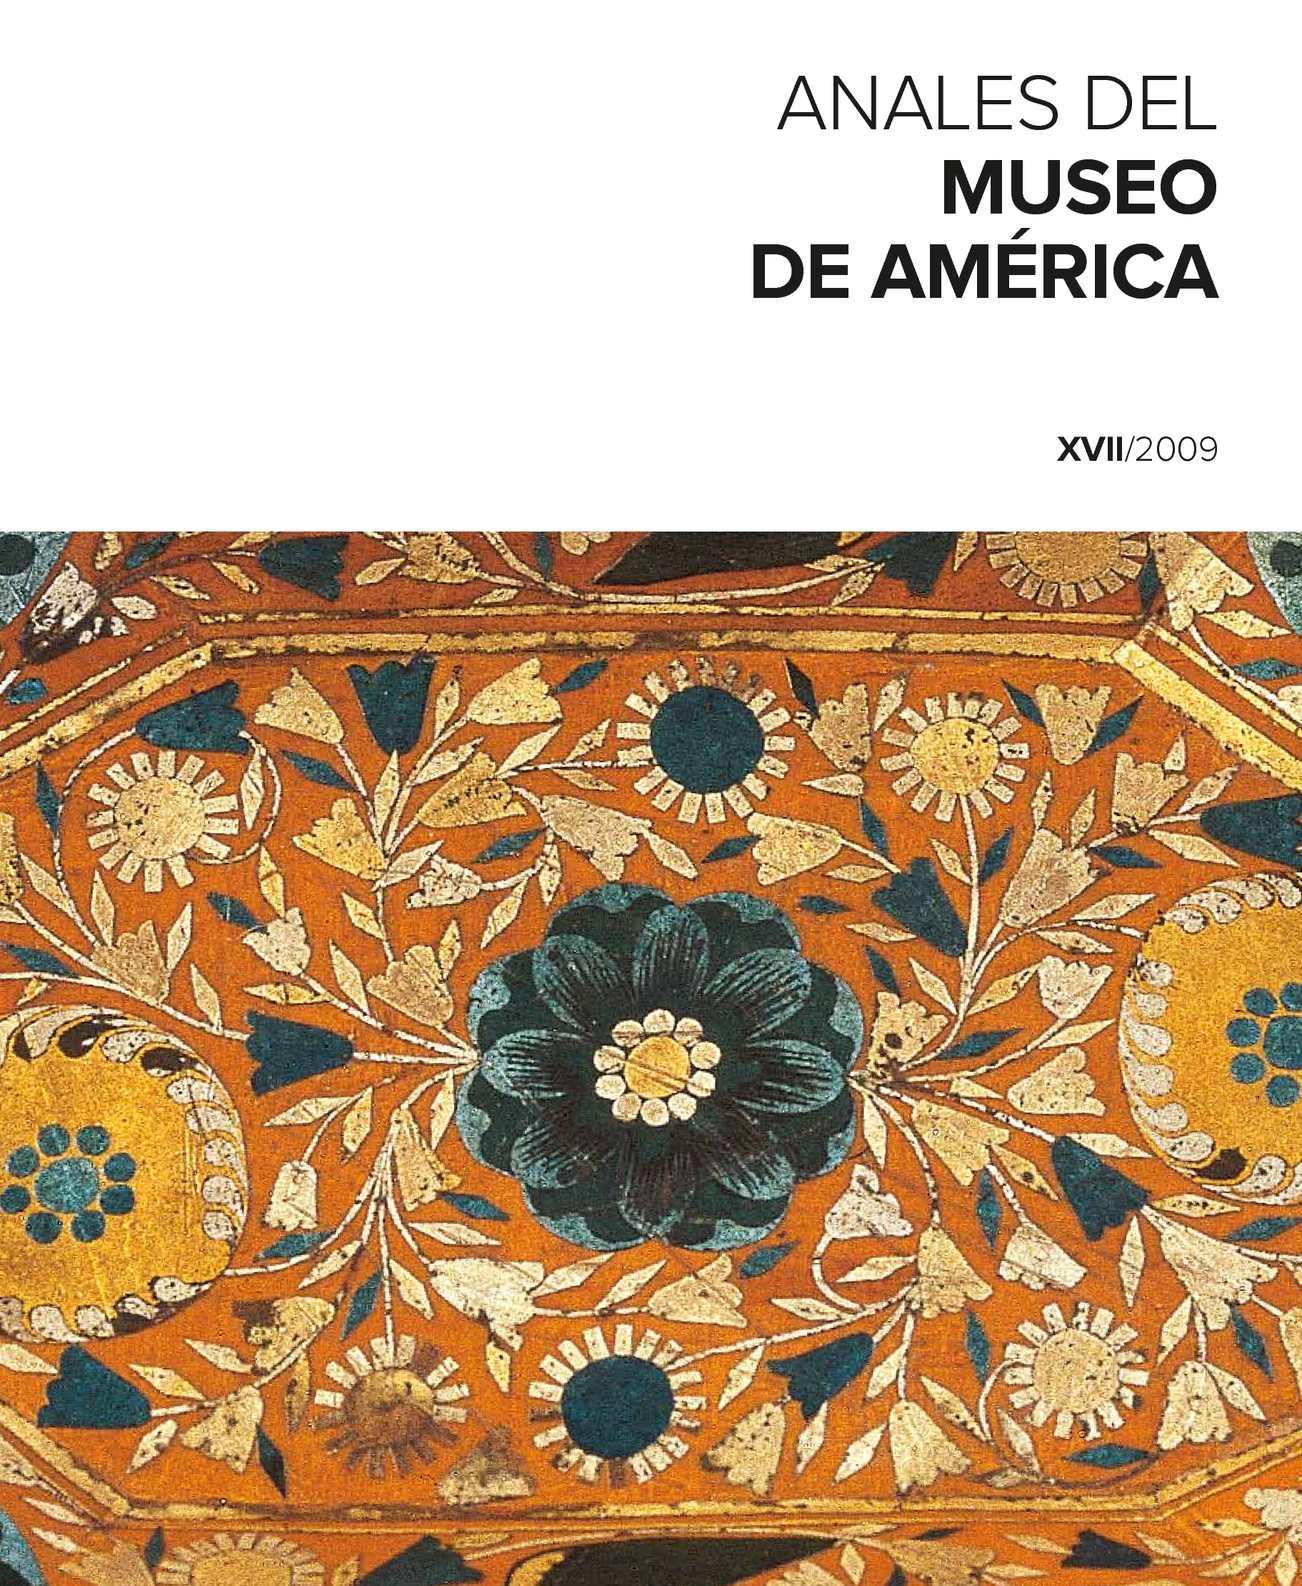 91fa6d9daa Calaméo - Anales del Museo de América. XVII 2009